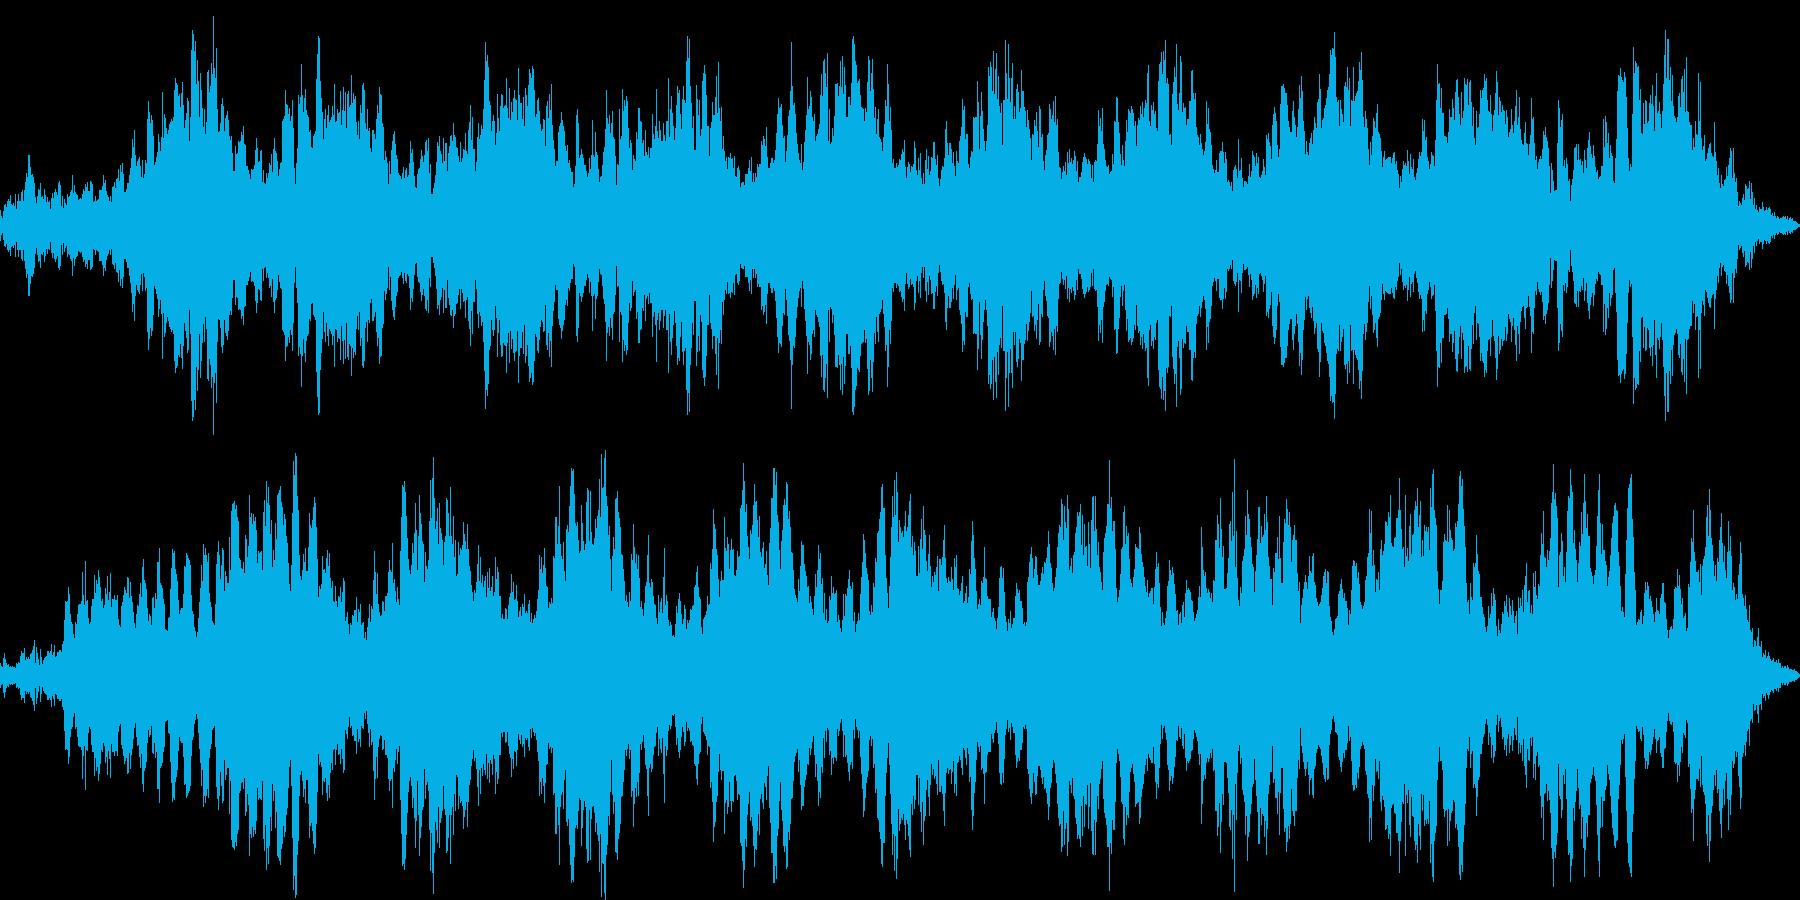 水蒸気・熱気・見えない気配のイメージ音の再生済みの波形